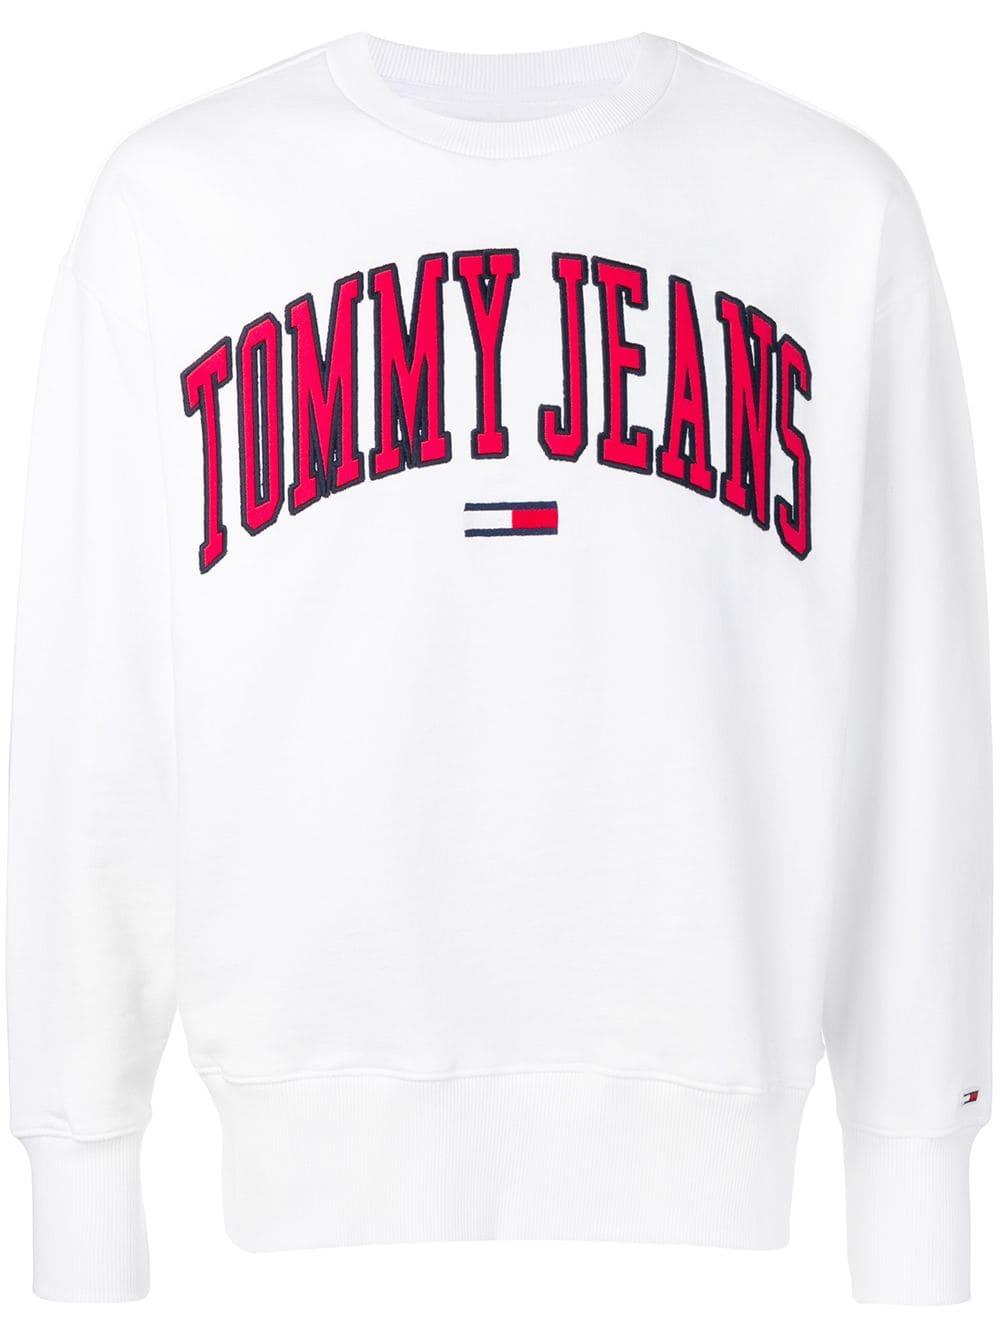 Tommy Jeans Tommy Jeans Oversized Logo Sweatshirt White Tommyjeans Cloth Sweatshirts Oversized Jeans Tommy Jeans [ 1334 x 1000 Pixel ]